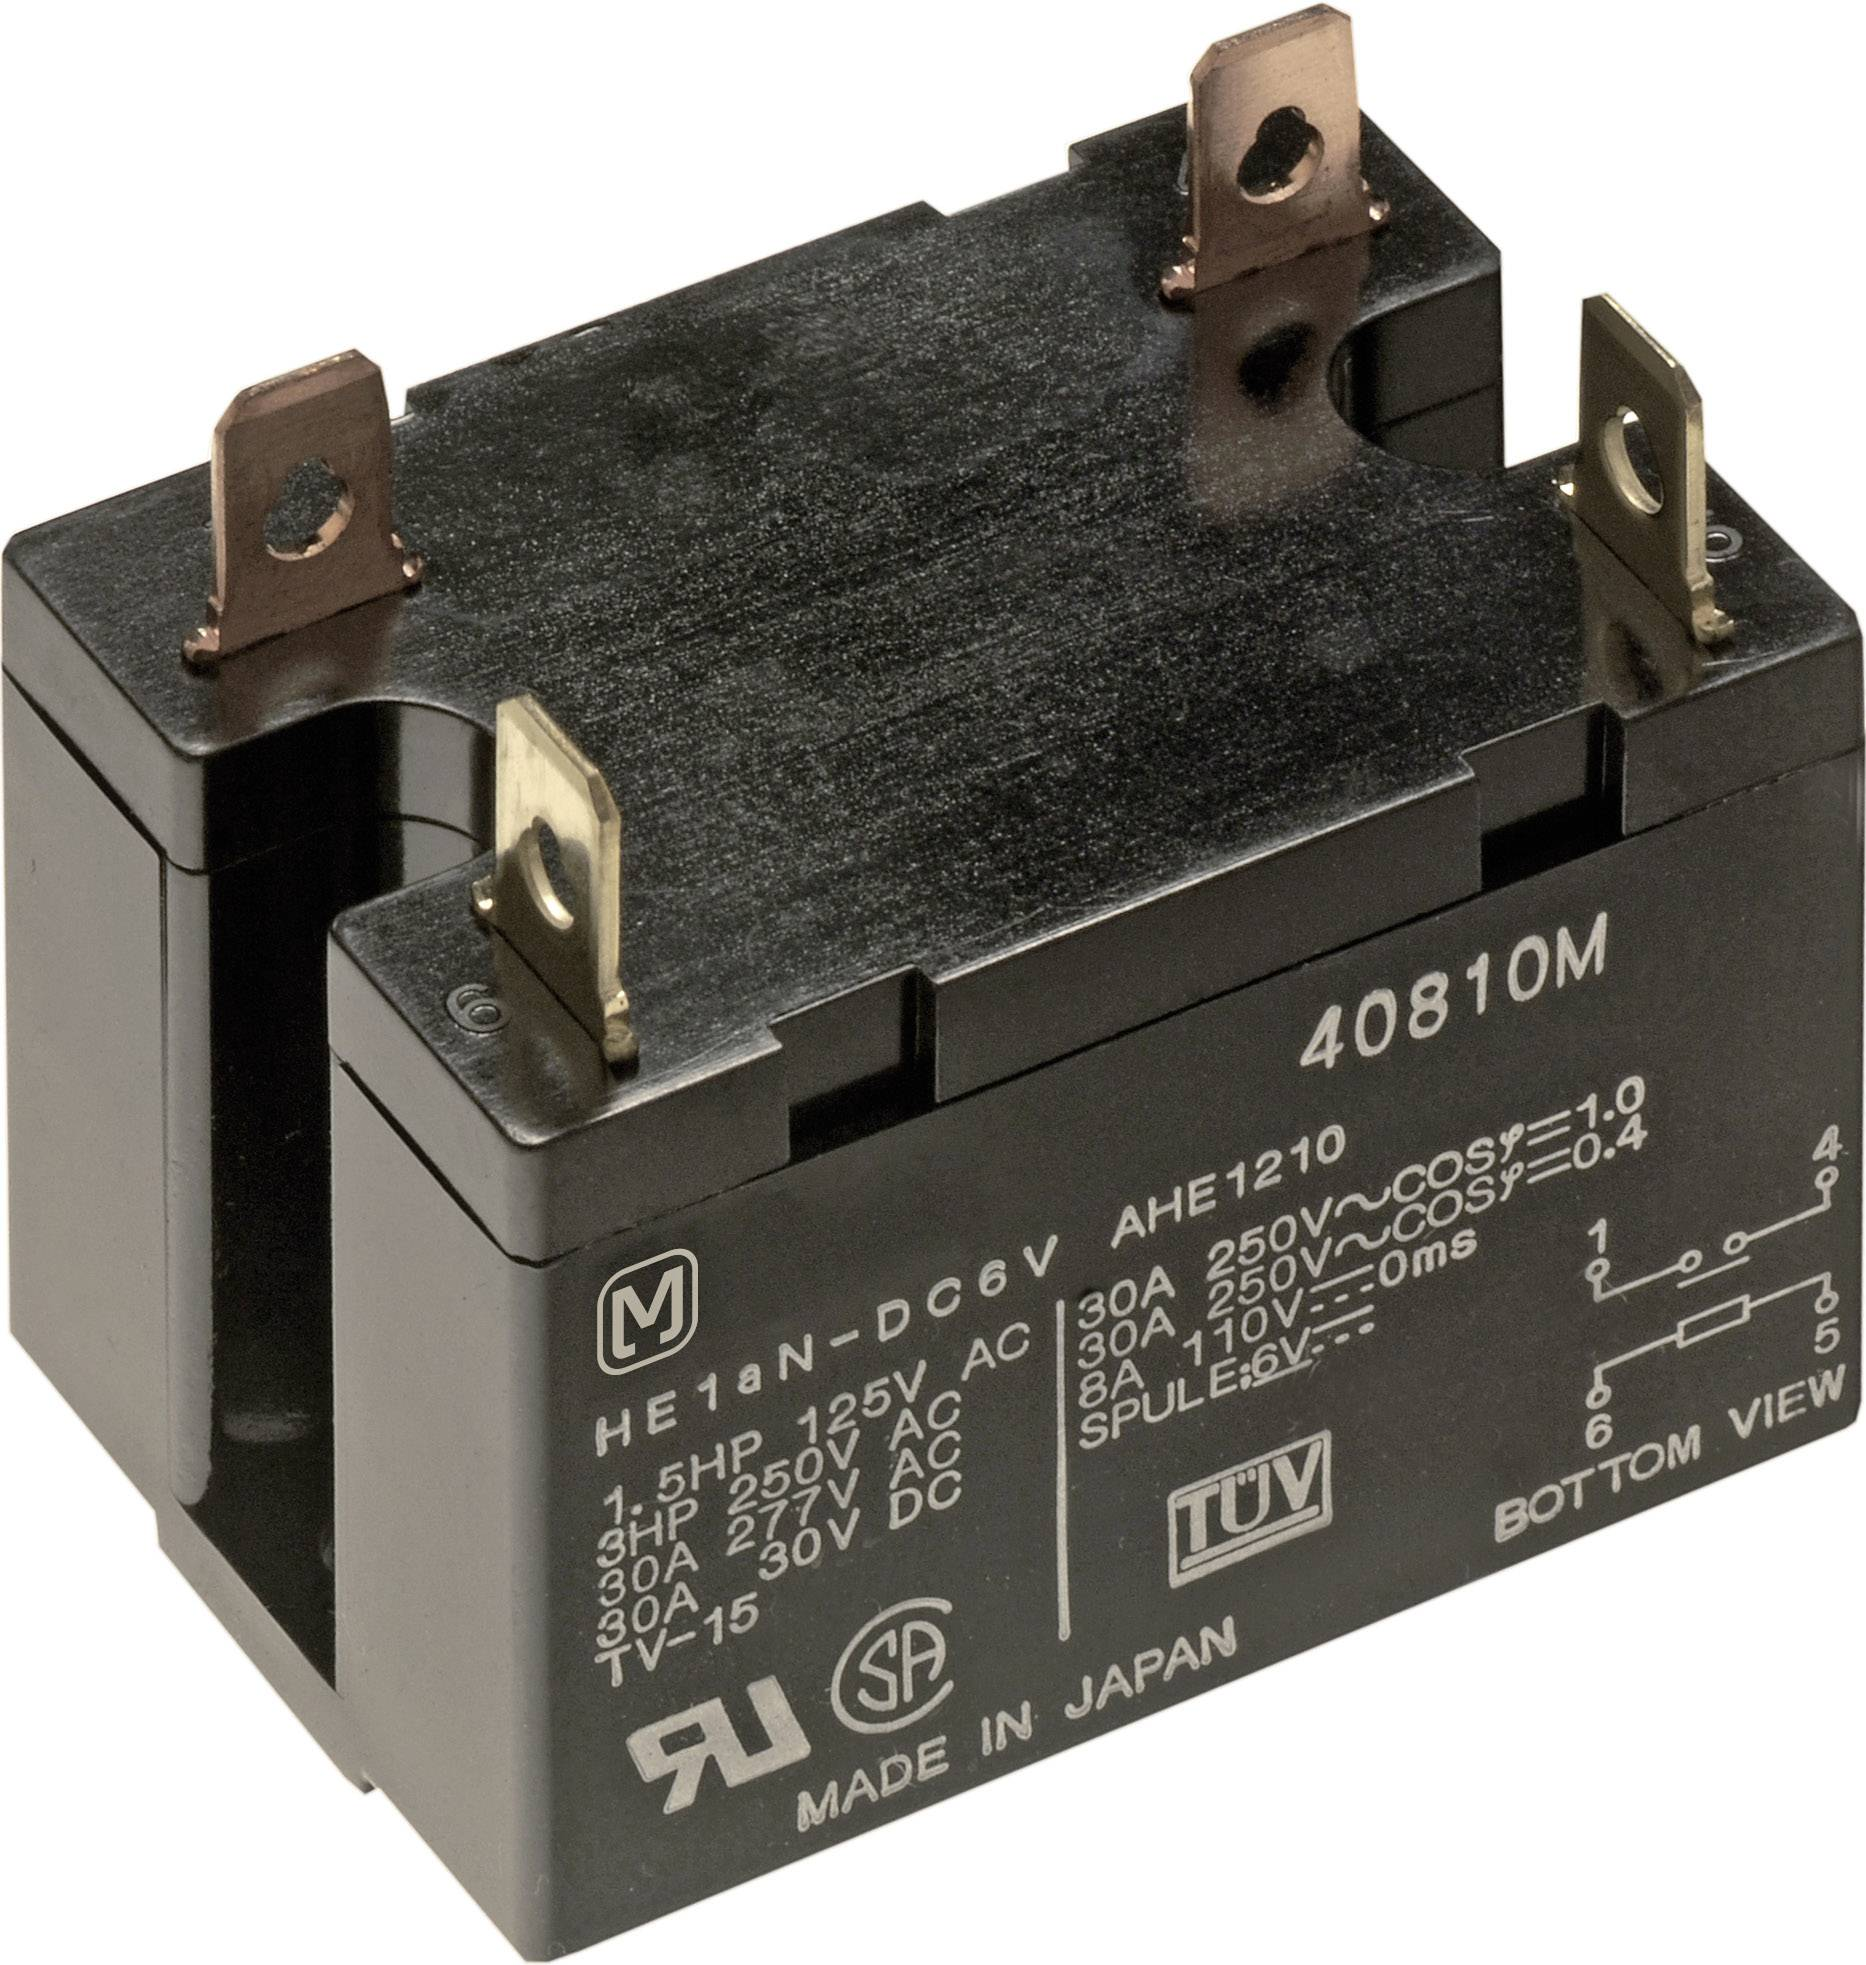 Výkonové relé HE 30 A, ploché zásuvkové připojení Panasonic HE1AN12, HE1AN12, 1920 mW, 30 A